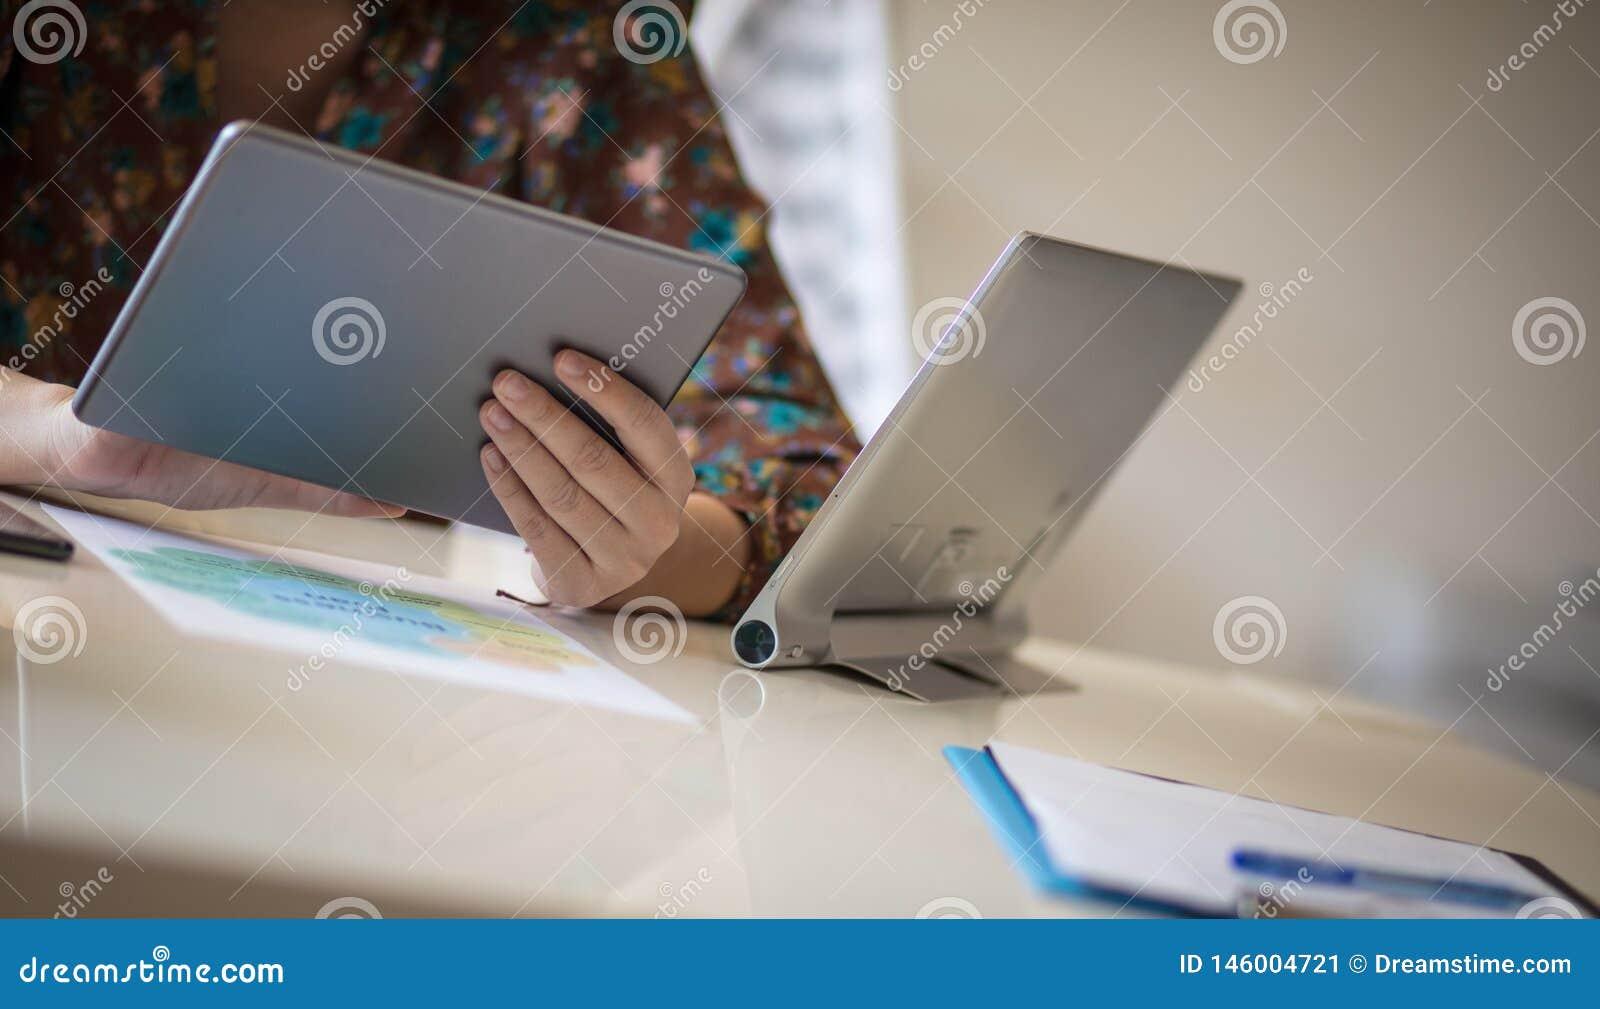 Usando a tabuleta digital que a ajuda a fazer o negócio melhor